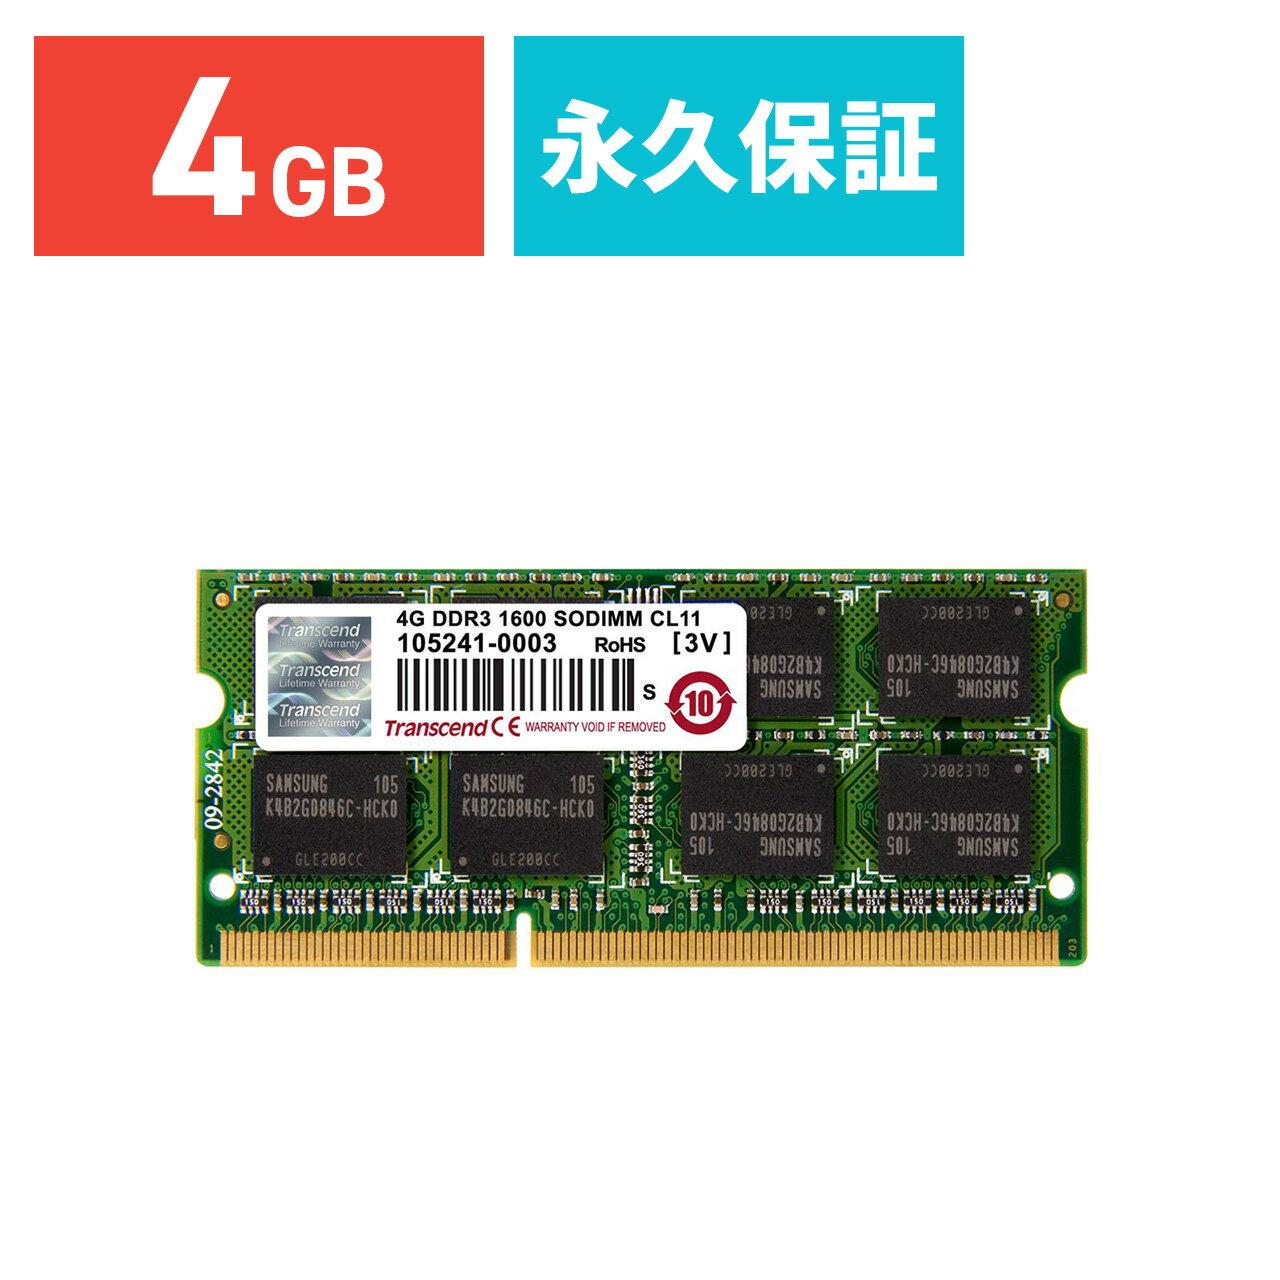 【4月25日値下げしました】Transcend 増設メモリ 4GB ノートPC用 DDR3-1600 PC3-12800 SO-DIMM PCメモリ メモリーモジュール[TS512MSK64V6N]【ネコポス対応】【楽天BOX受取対象商品】【送料無料】